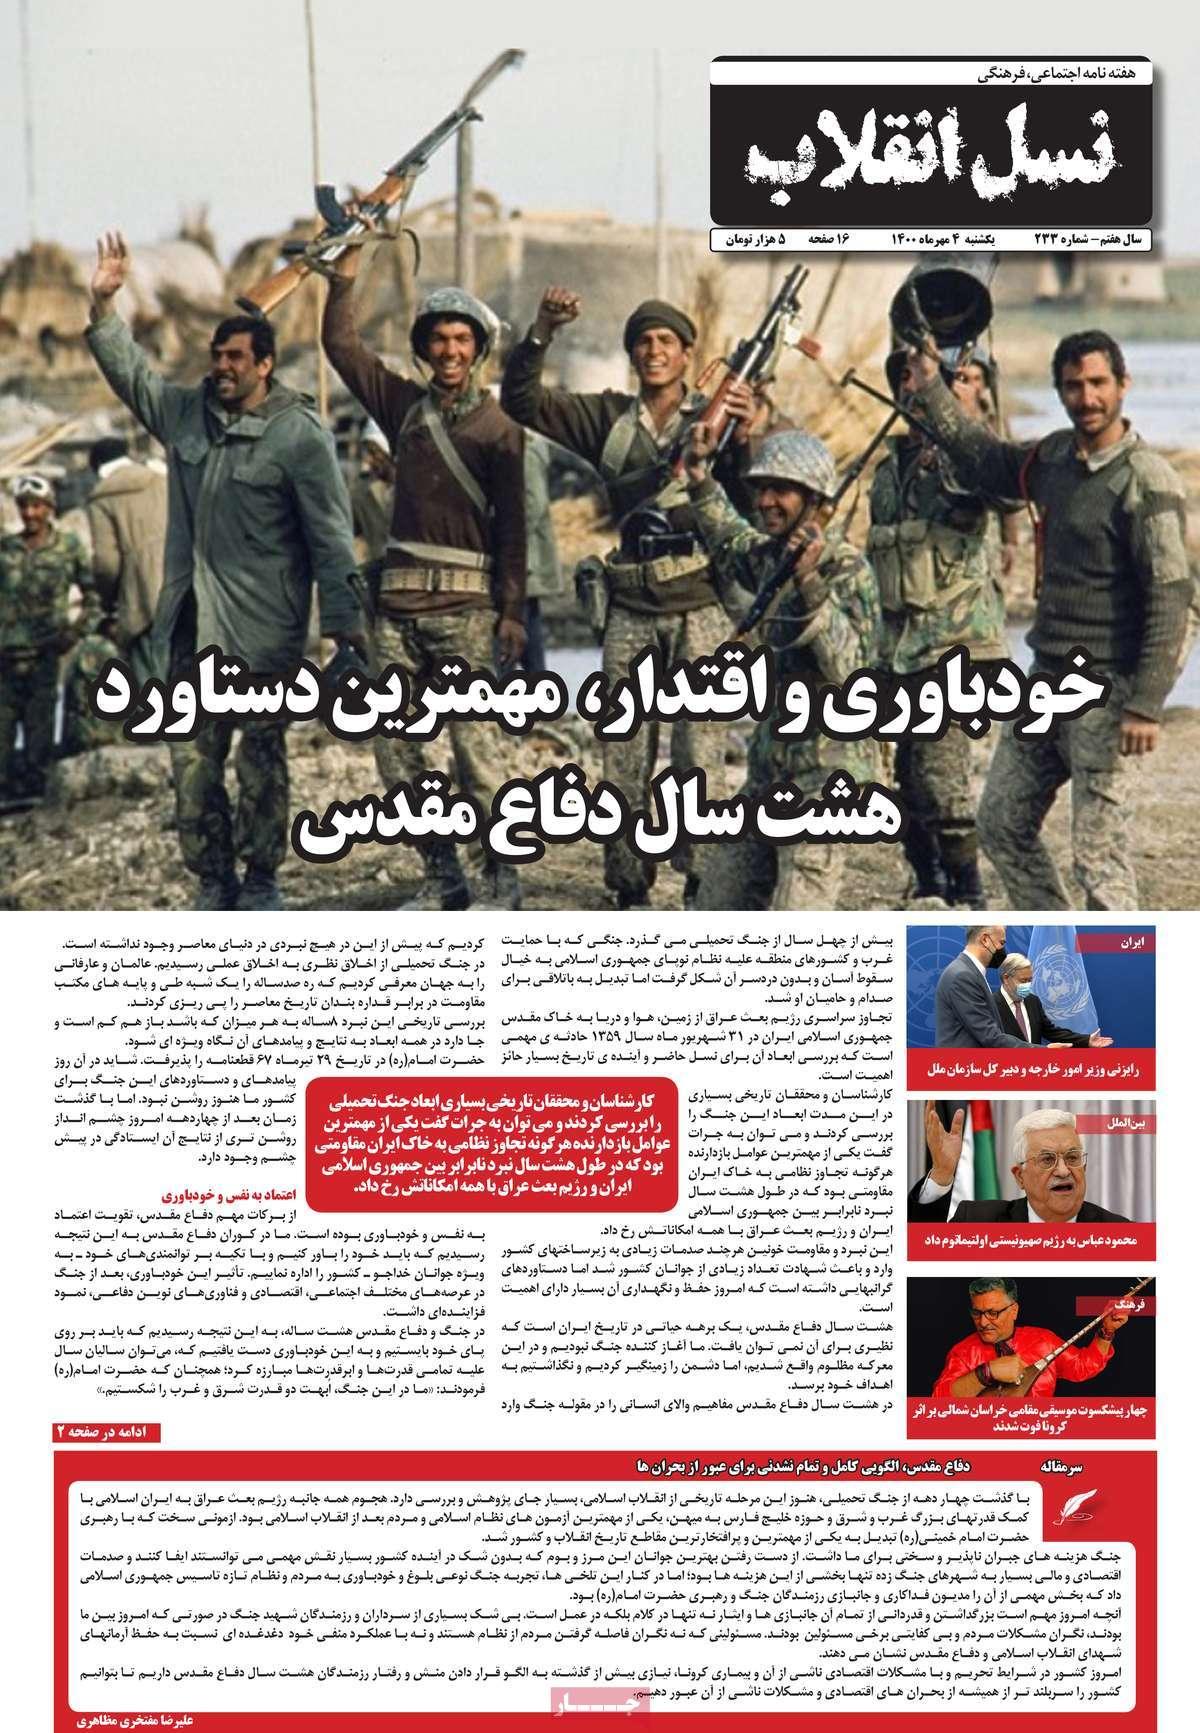 صفحه نخست مجله نسل انقلاب - یکشنبه, ۰۴ مهر ۱۴۰۰